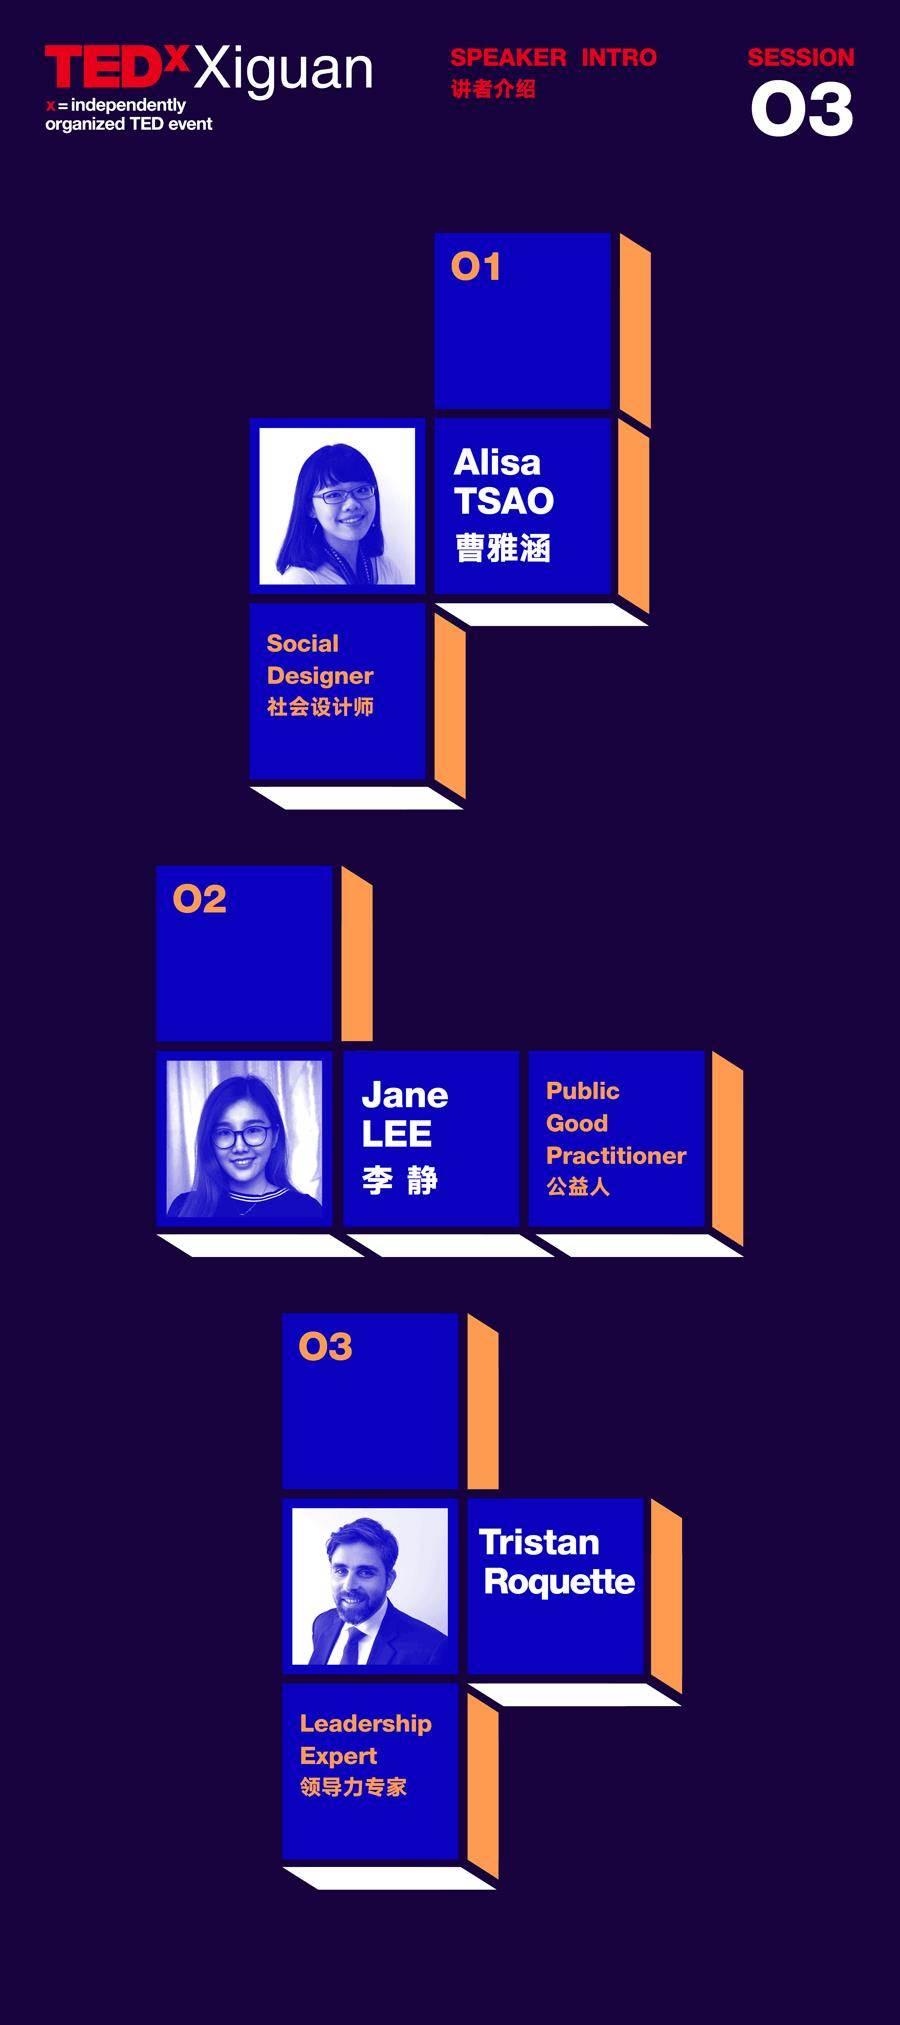 0722_TEDxXiguan_BIO_wechat_3_updated.gif